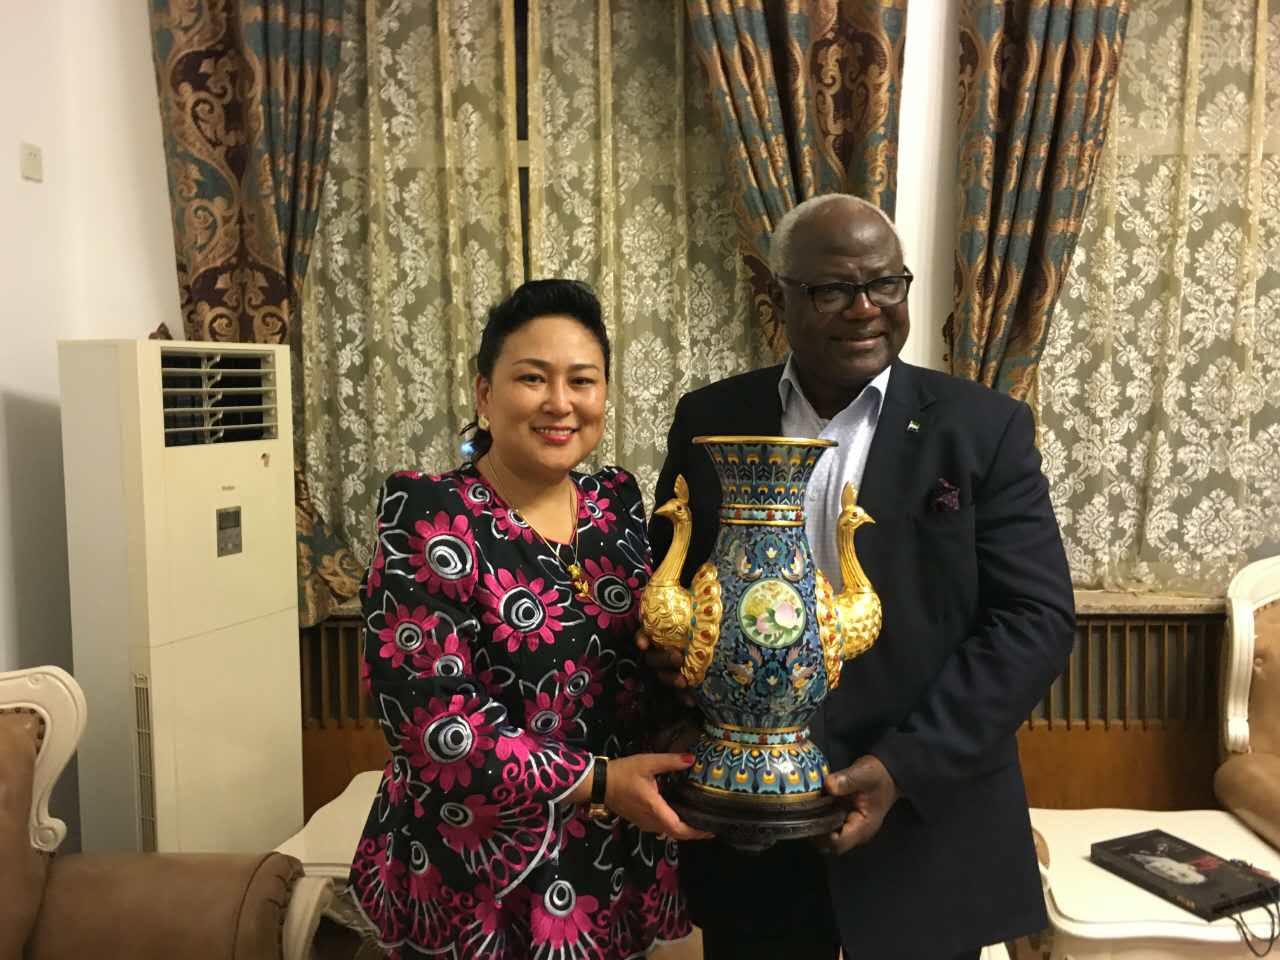 塞拉利昂总统欧内斯特·巴伊·科罗马(右)与北京英联邦成员国北京协会副主席那媛(左).jpg